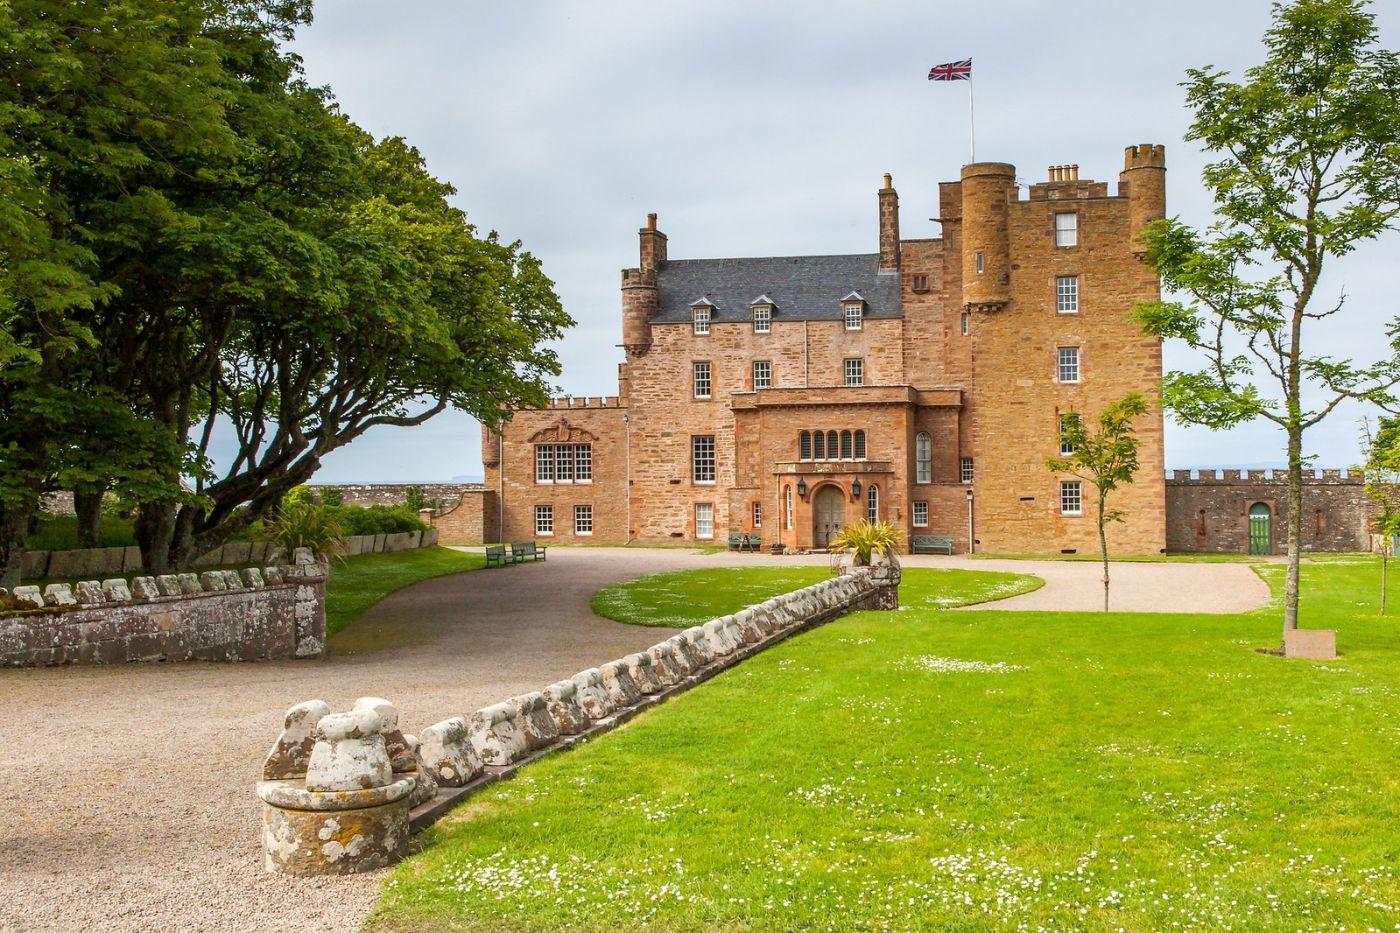 苏格兰梅城堡(Castle of Mey),五百年历史_图1-29